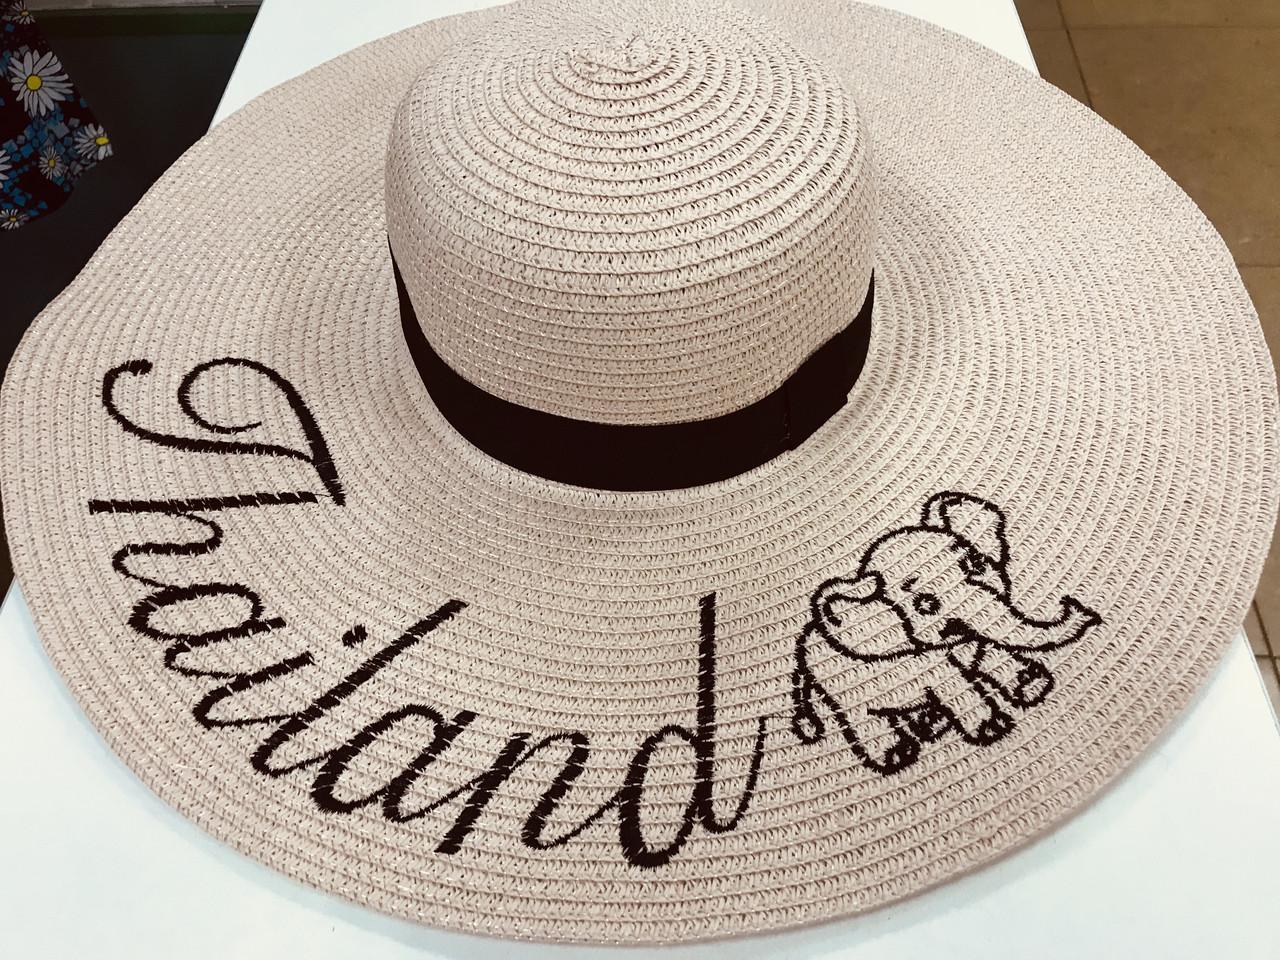 Шляпка из рисовой соломки Тайланд  цвет  пудра и молочный